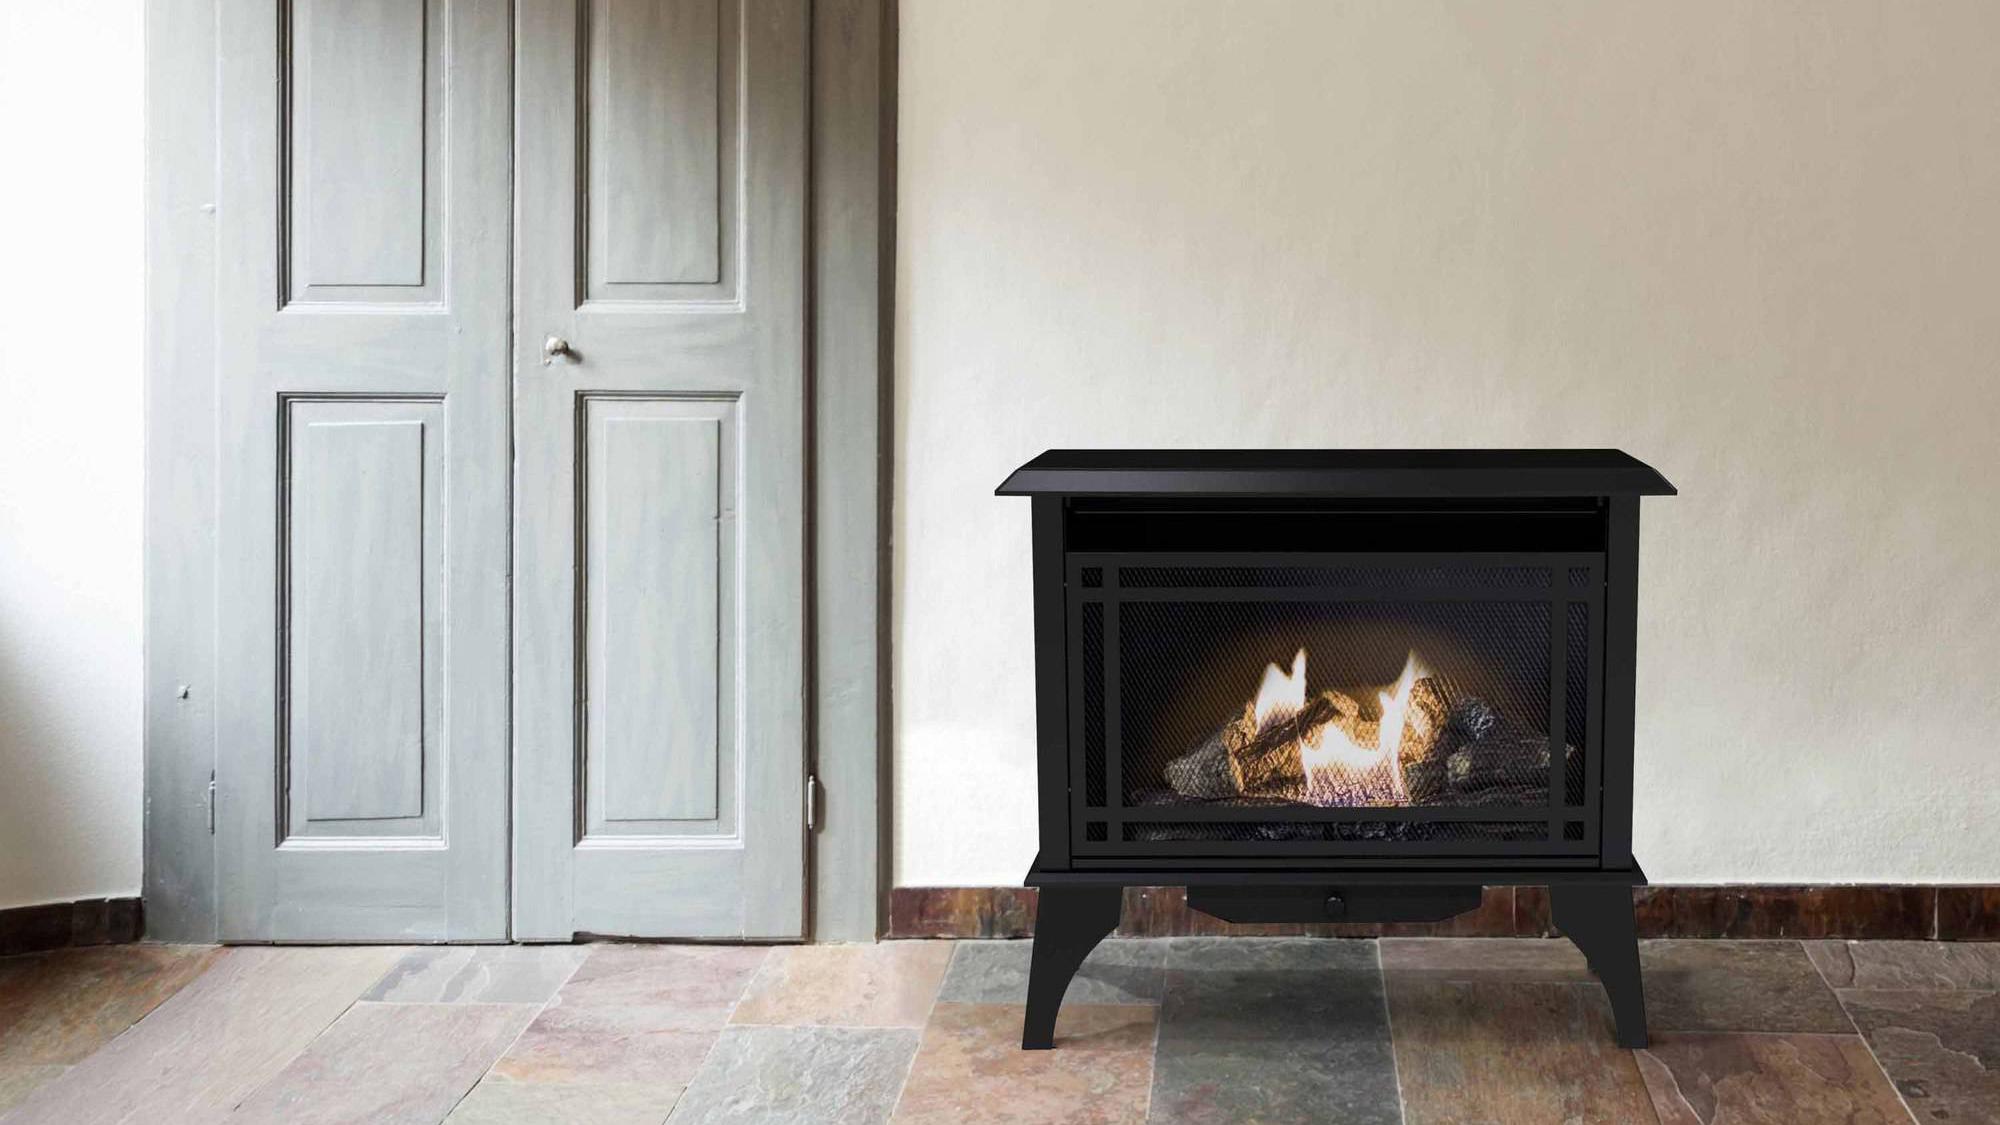 Martin Gas Fireplace Manual. Martin Gas Fireplace Manual